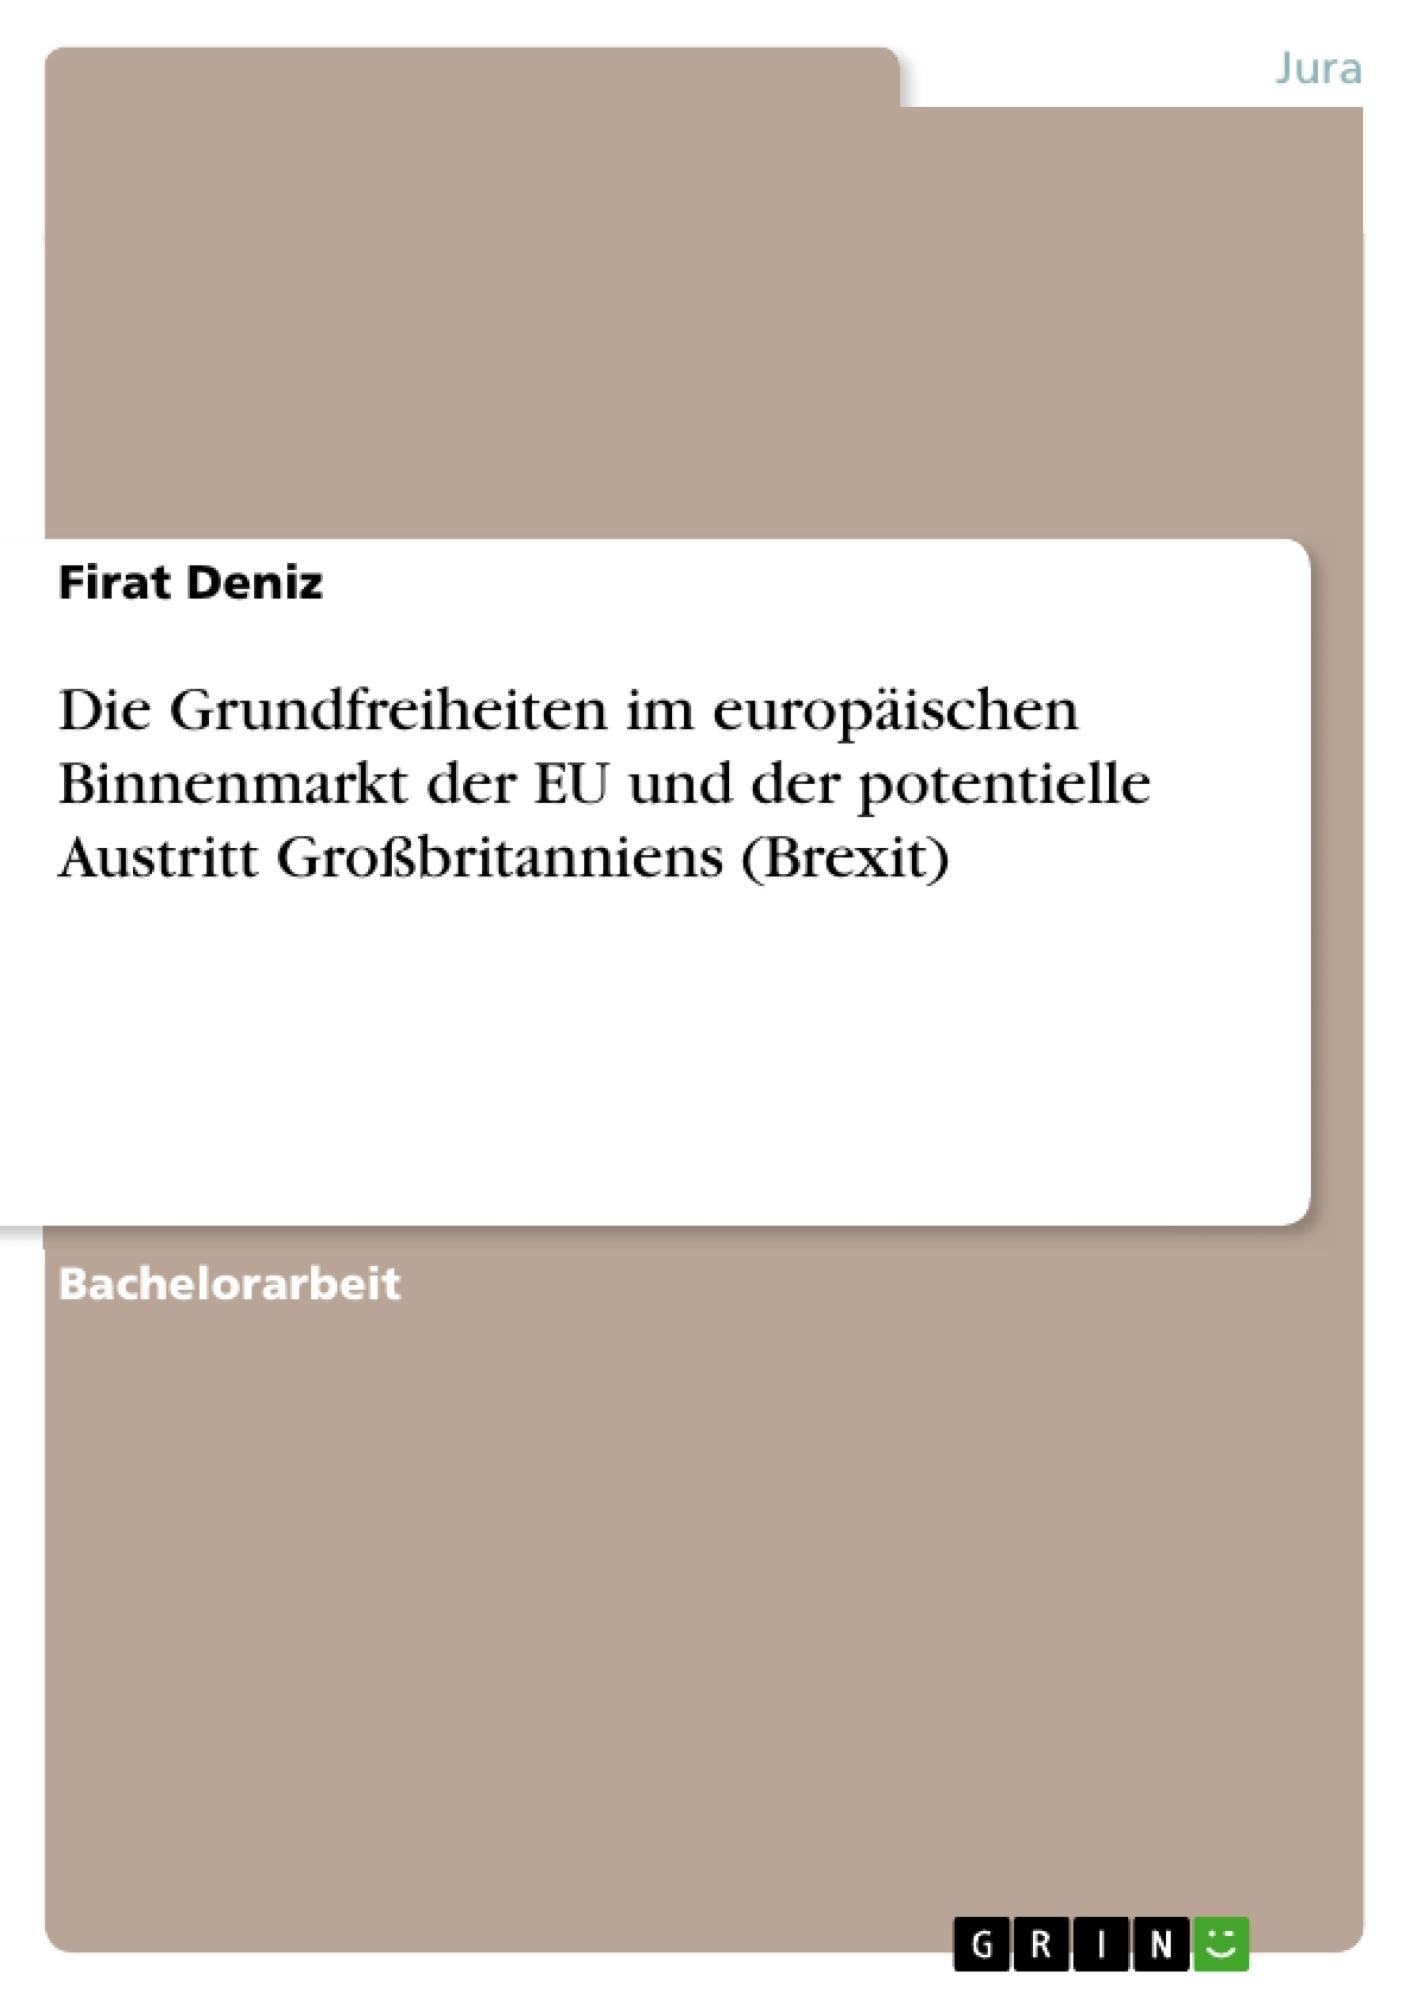 Titel: Die Grundfreiheiten im europäischen Binnenmarkt der EU und der potentielle Austritt Großbritanniens (Brexit)